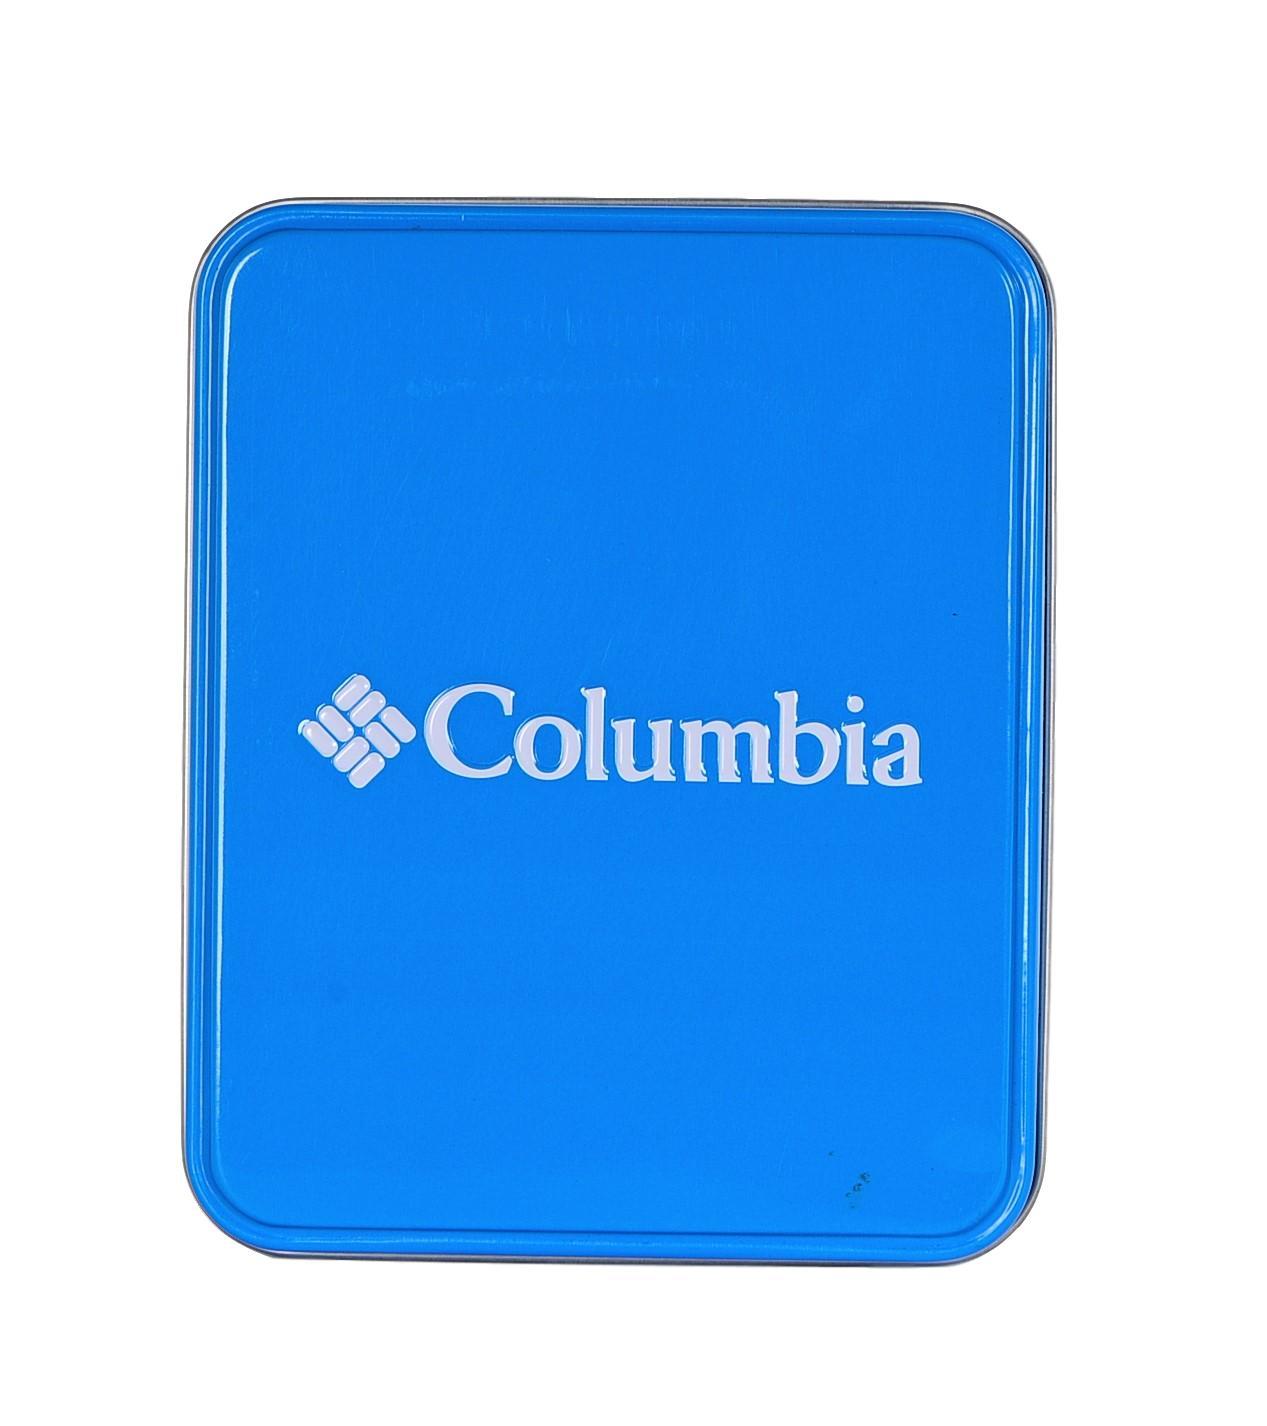 Columbia-Herren-Rfid-Sicherheit-Sperrung-Geldboerse-Integrierter-Shield-Geldboerse Indexbild 16